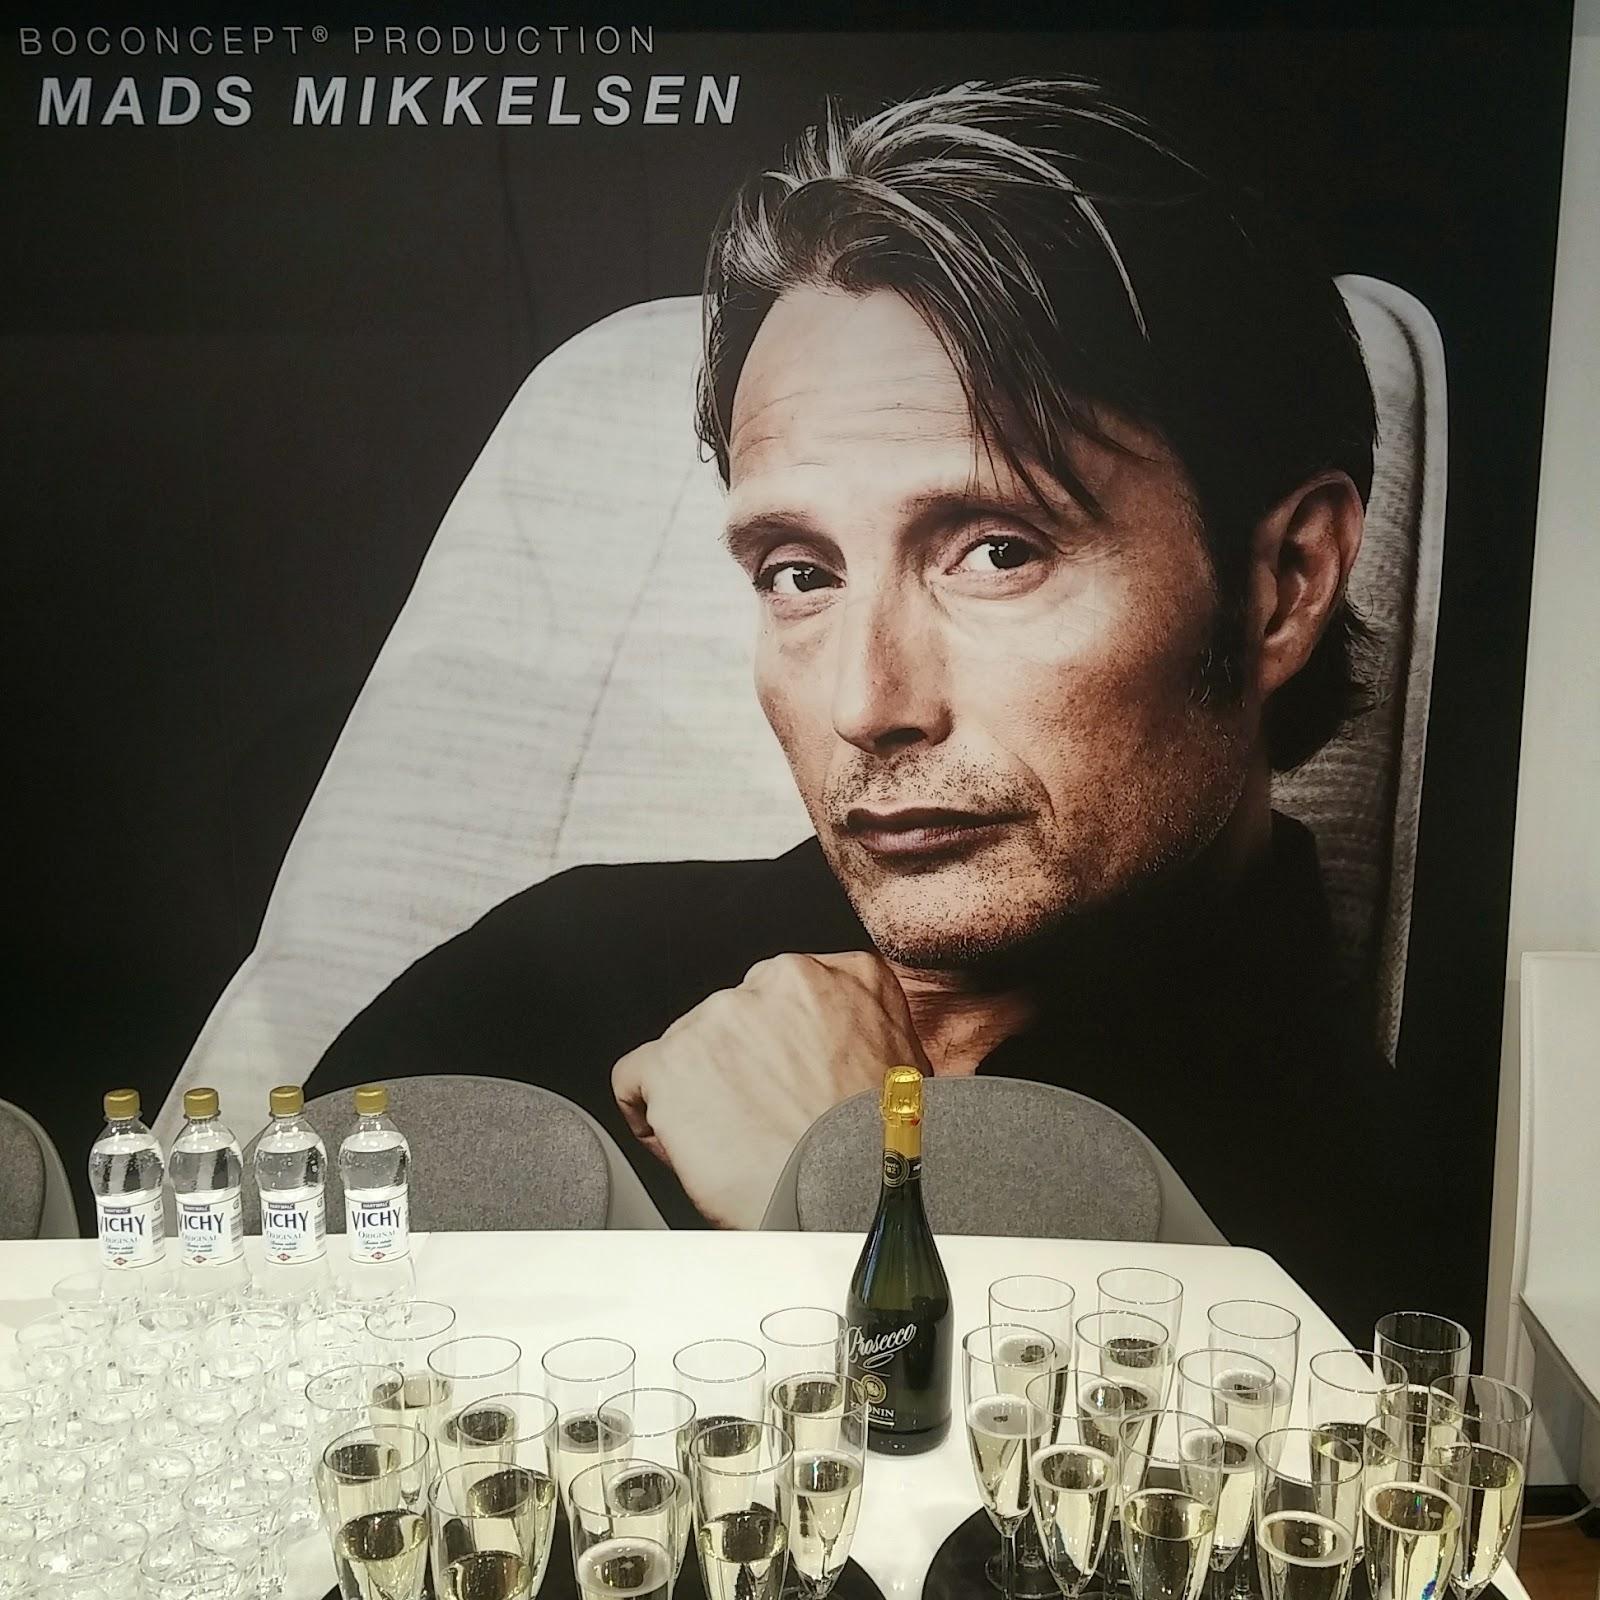 Hauska iltapäivä the Guest starring Mads Mikkelsen – BoConcept furniture